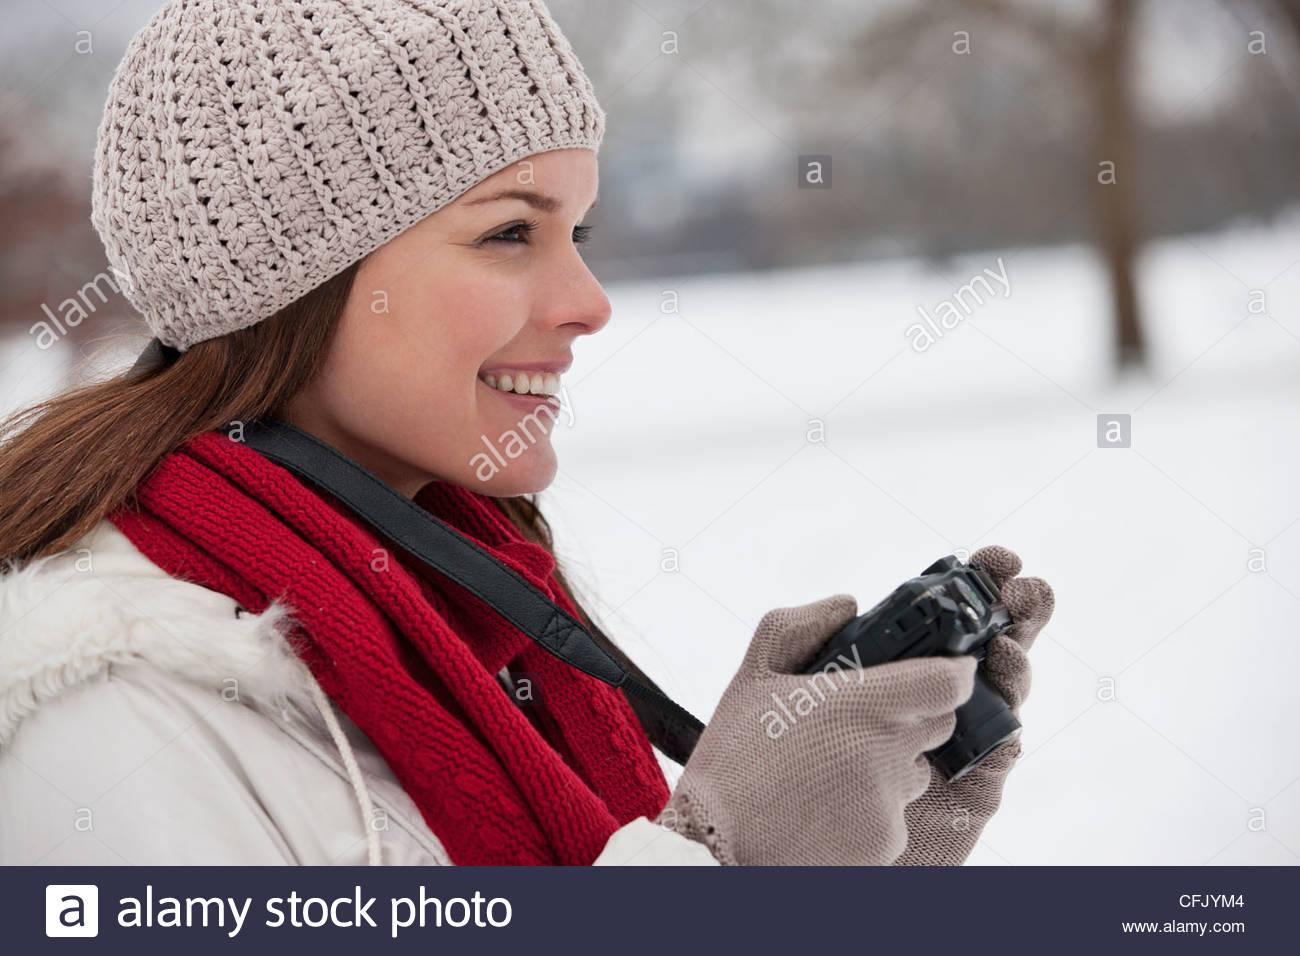 Une jeune femme debout dans la neige, holding a camera Photo Stock